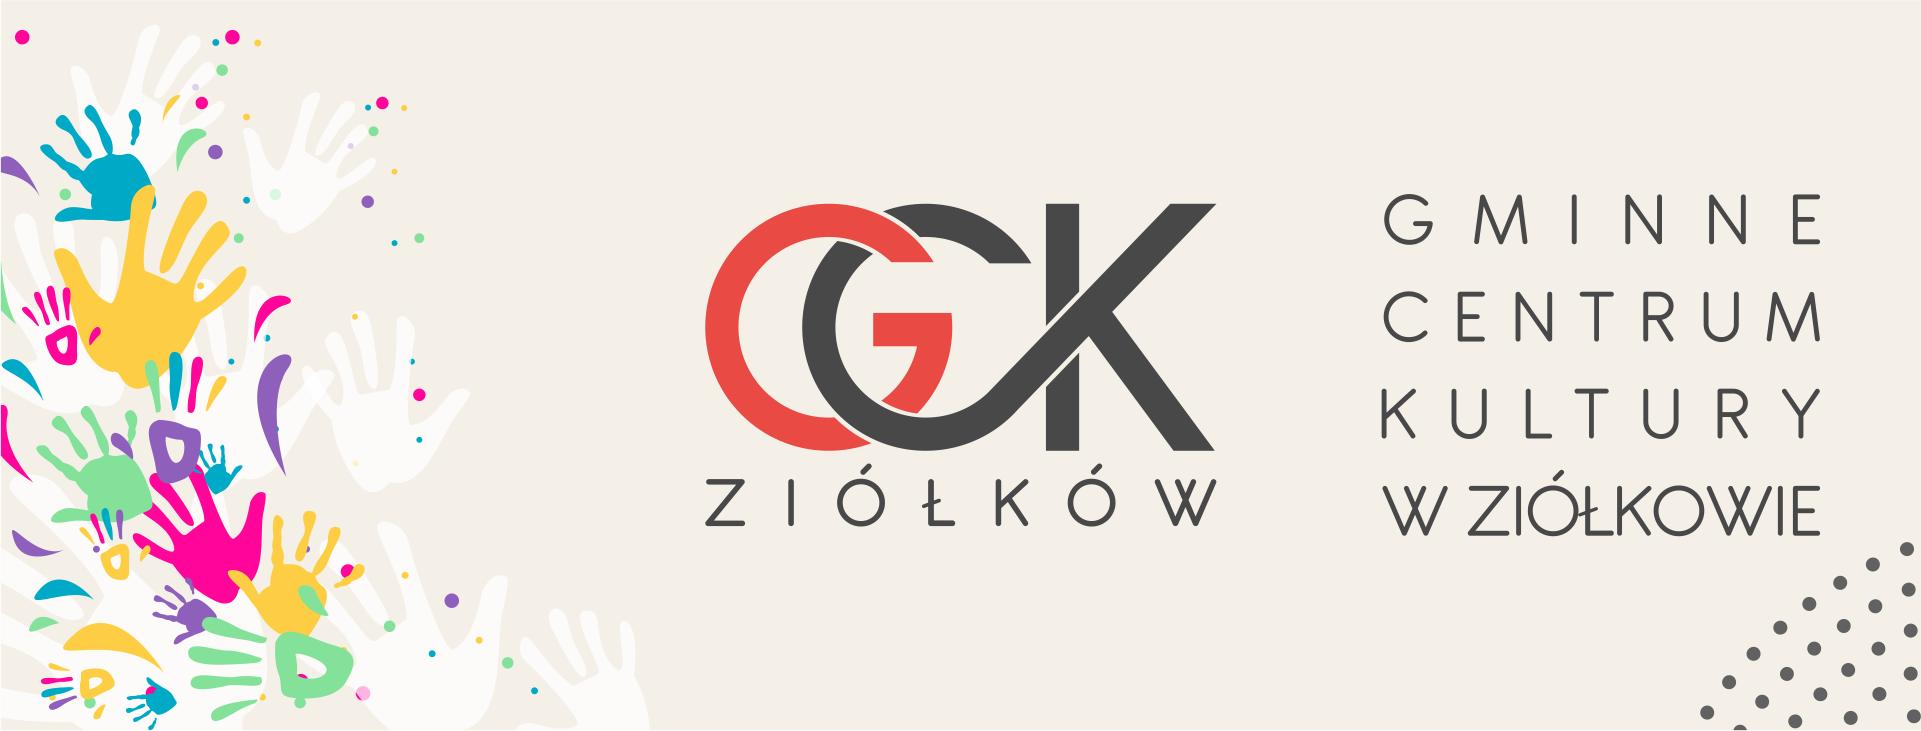 Zaoszczędzisz 10 tys. zł.  GCK w Ziółkowie zaprasza na naukę układania kwiatów - Zdjęcie główne